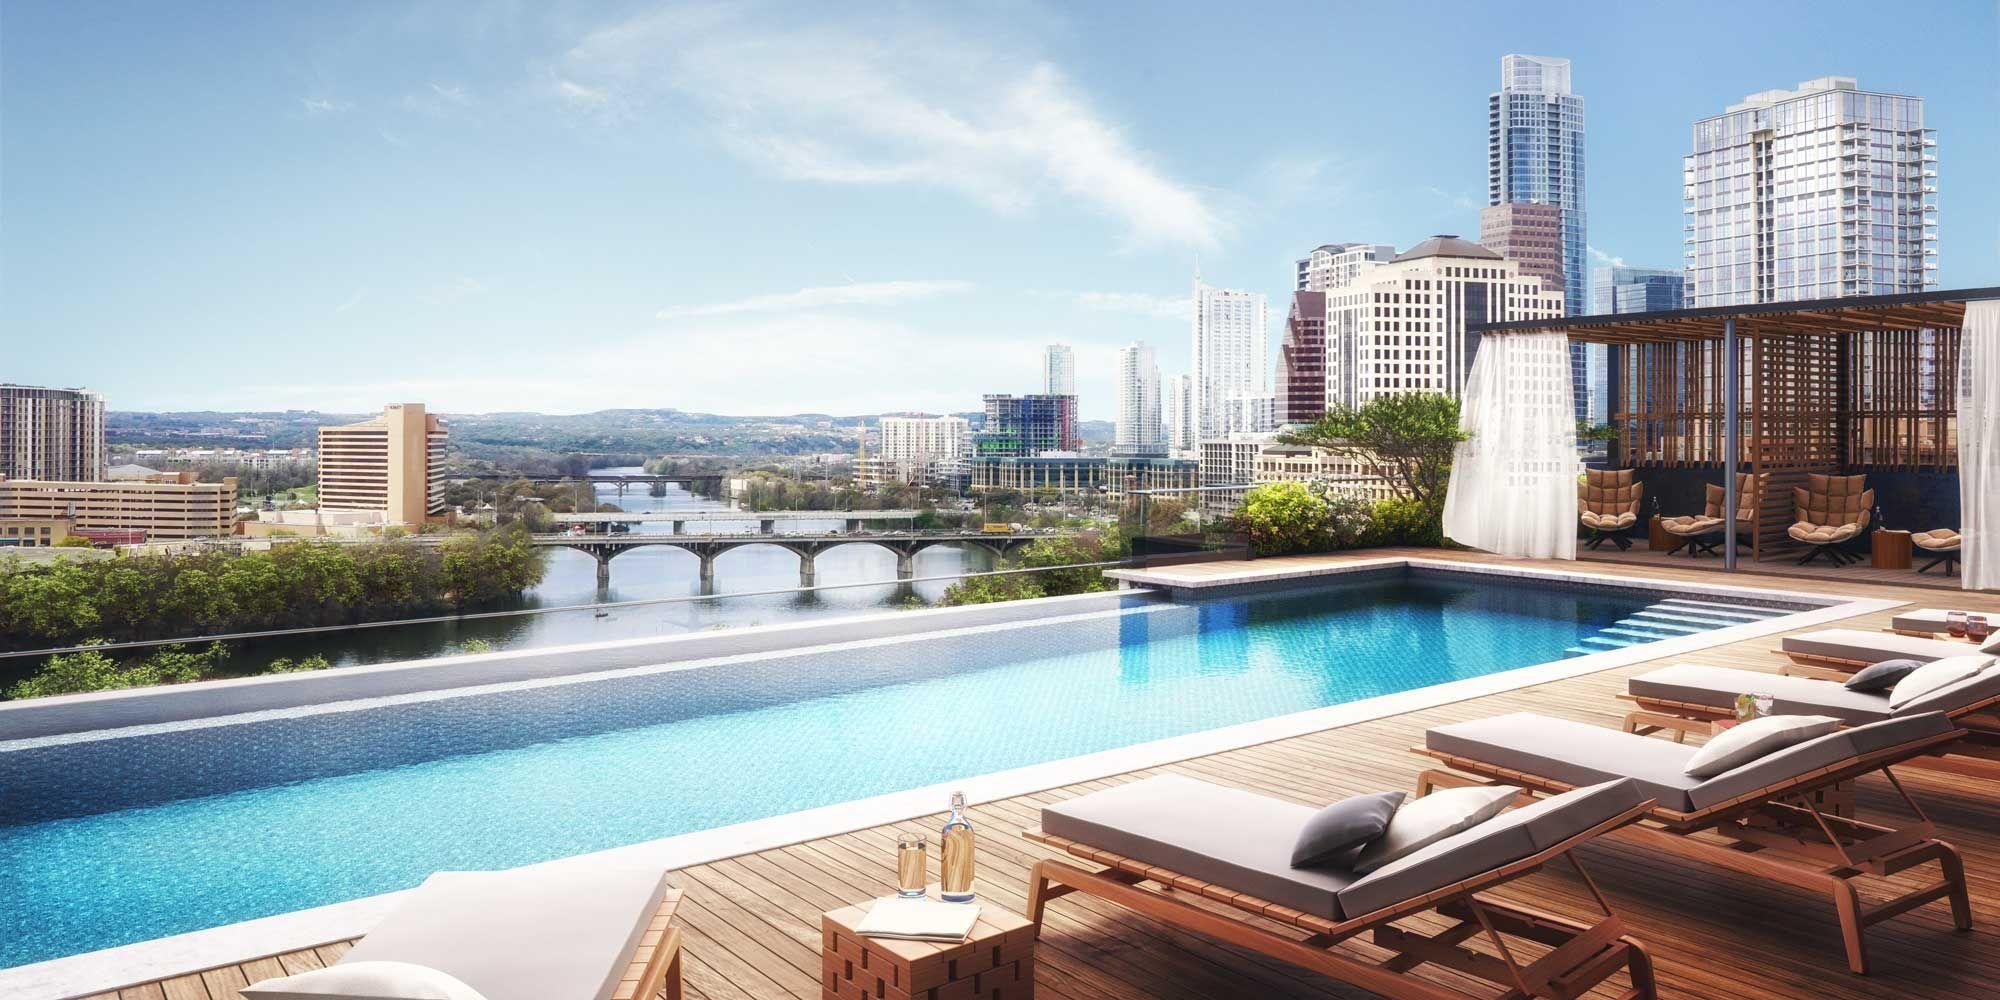 Austin Best Rooftop Pool